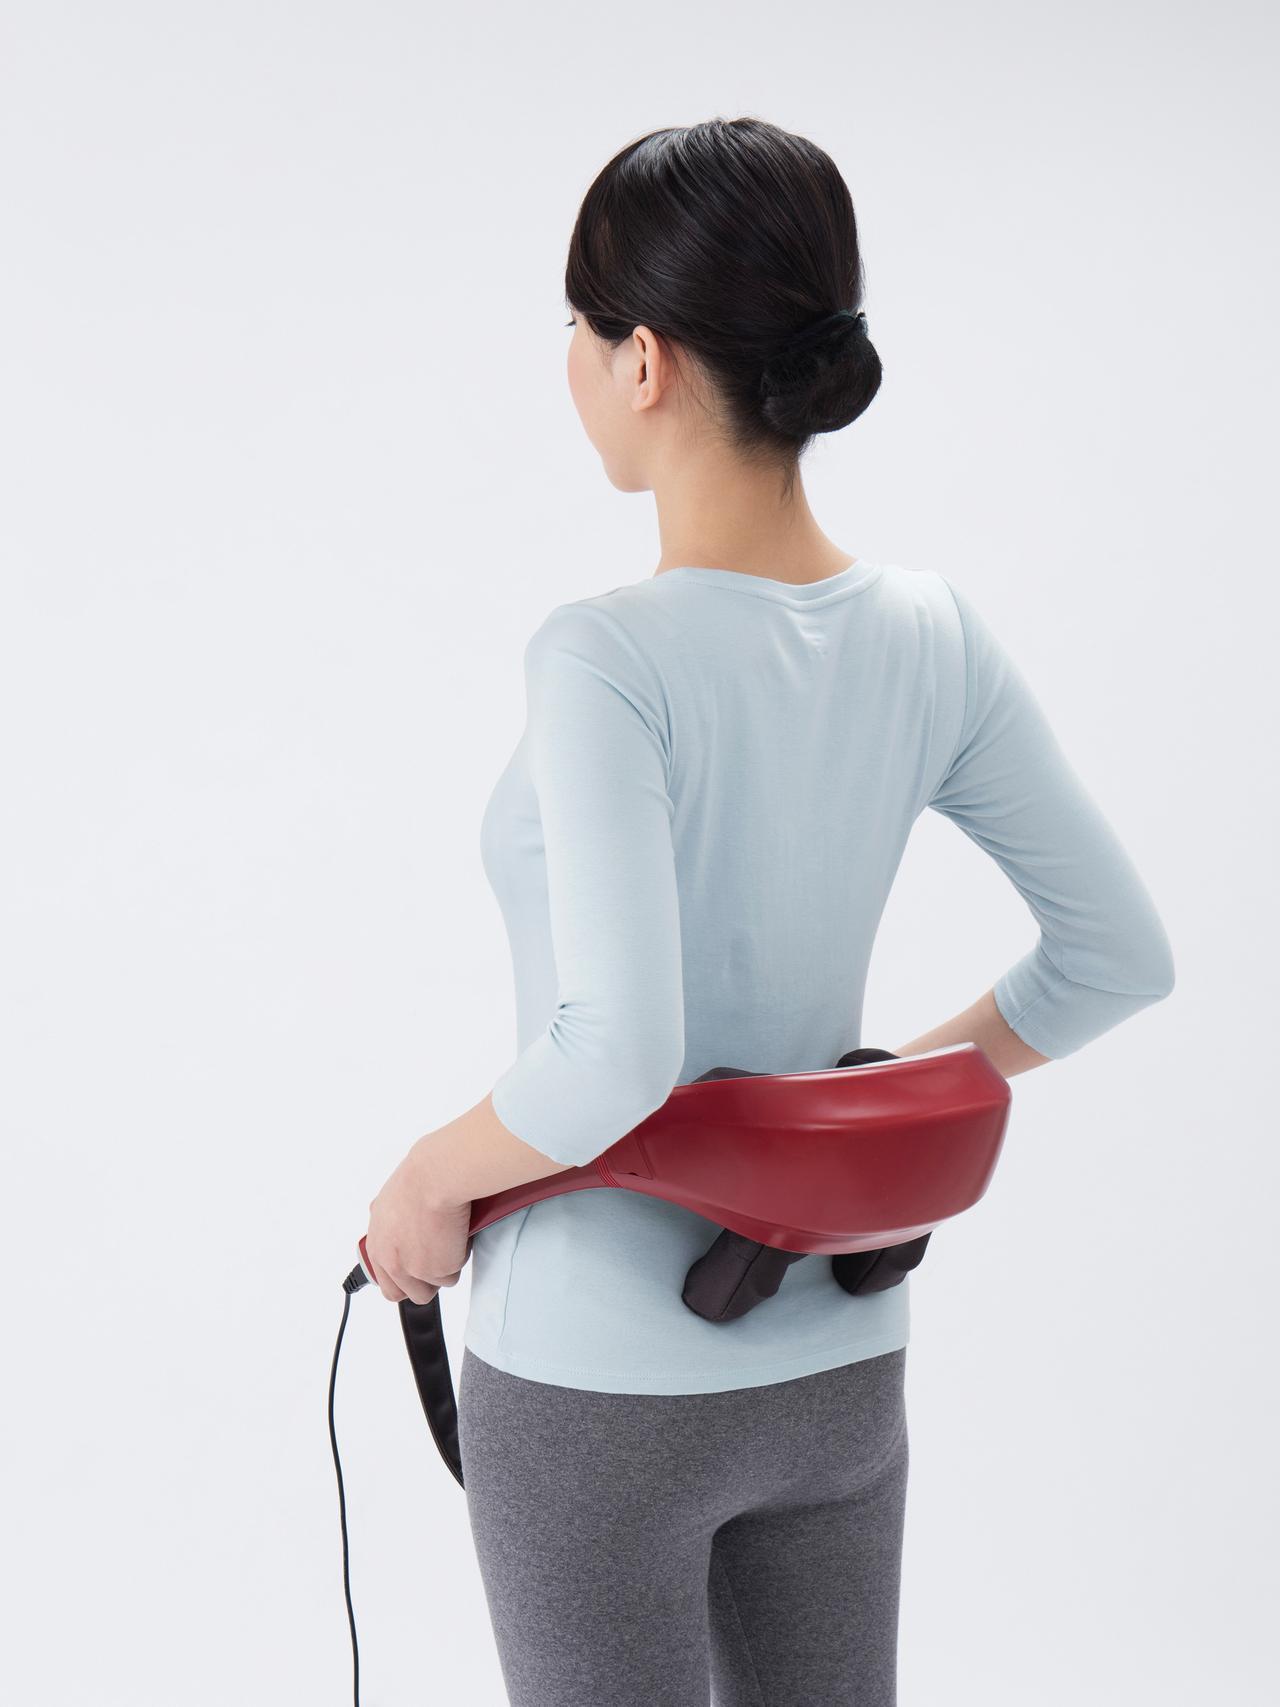 画像2: 【マッサージ器】人の手に近いもみ心地を実現 首や腰に当てるだけで効果的なマッサージを実現